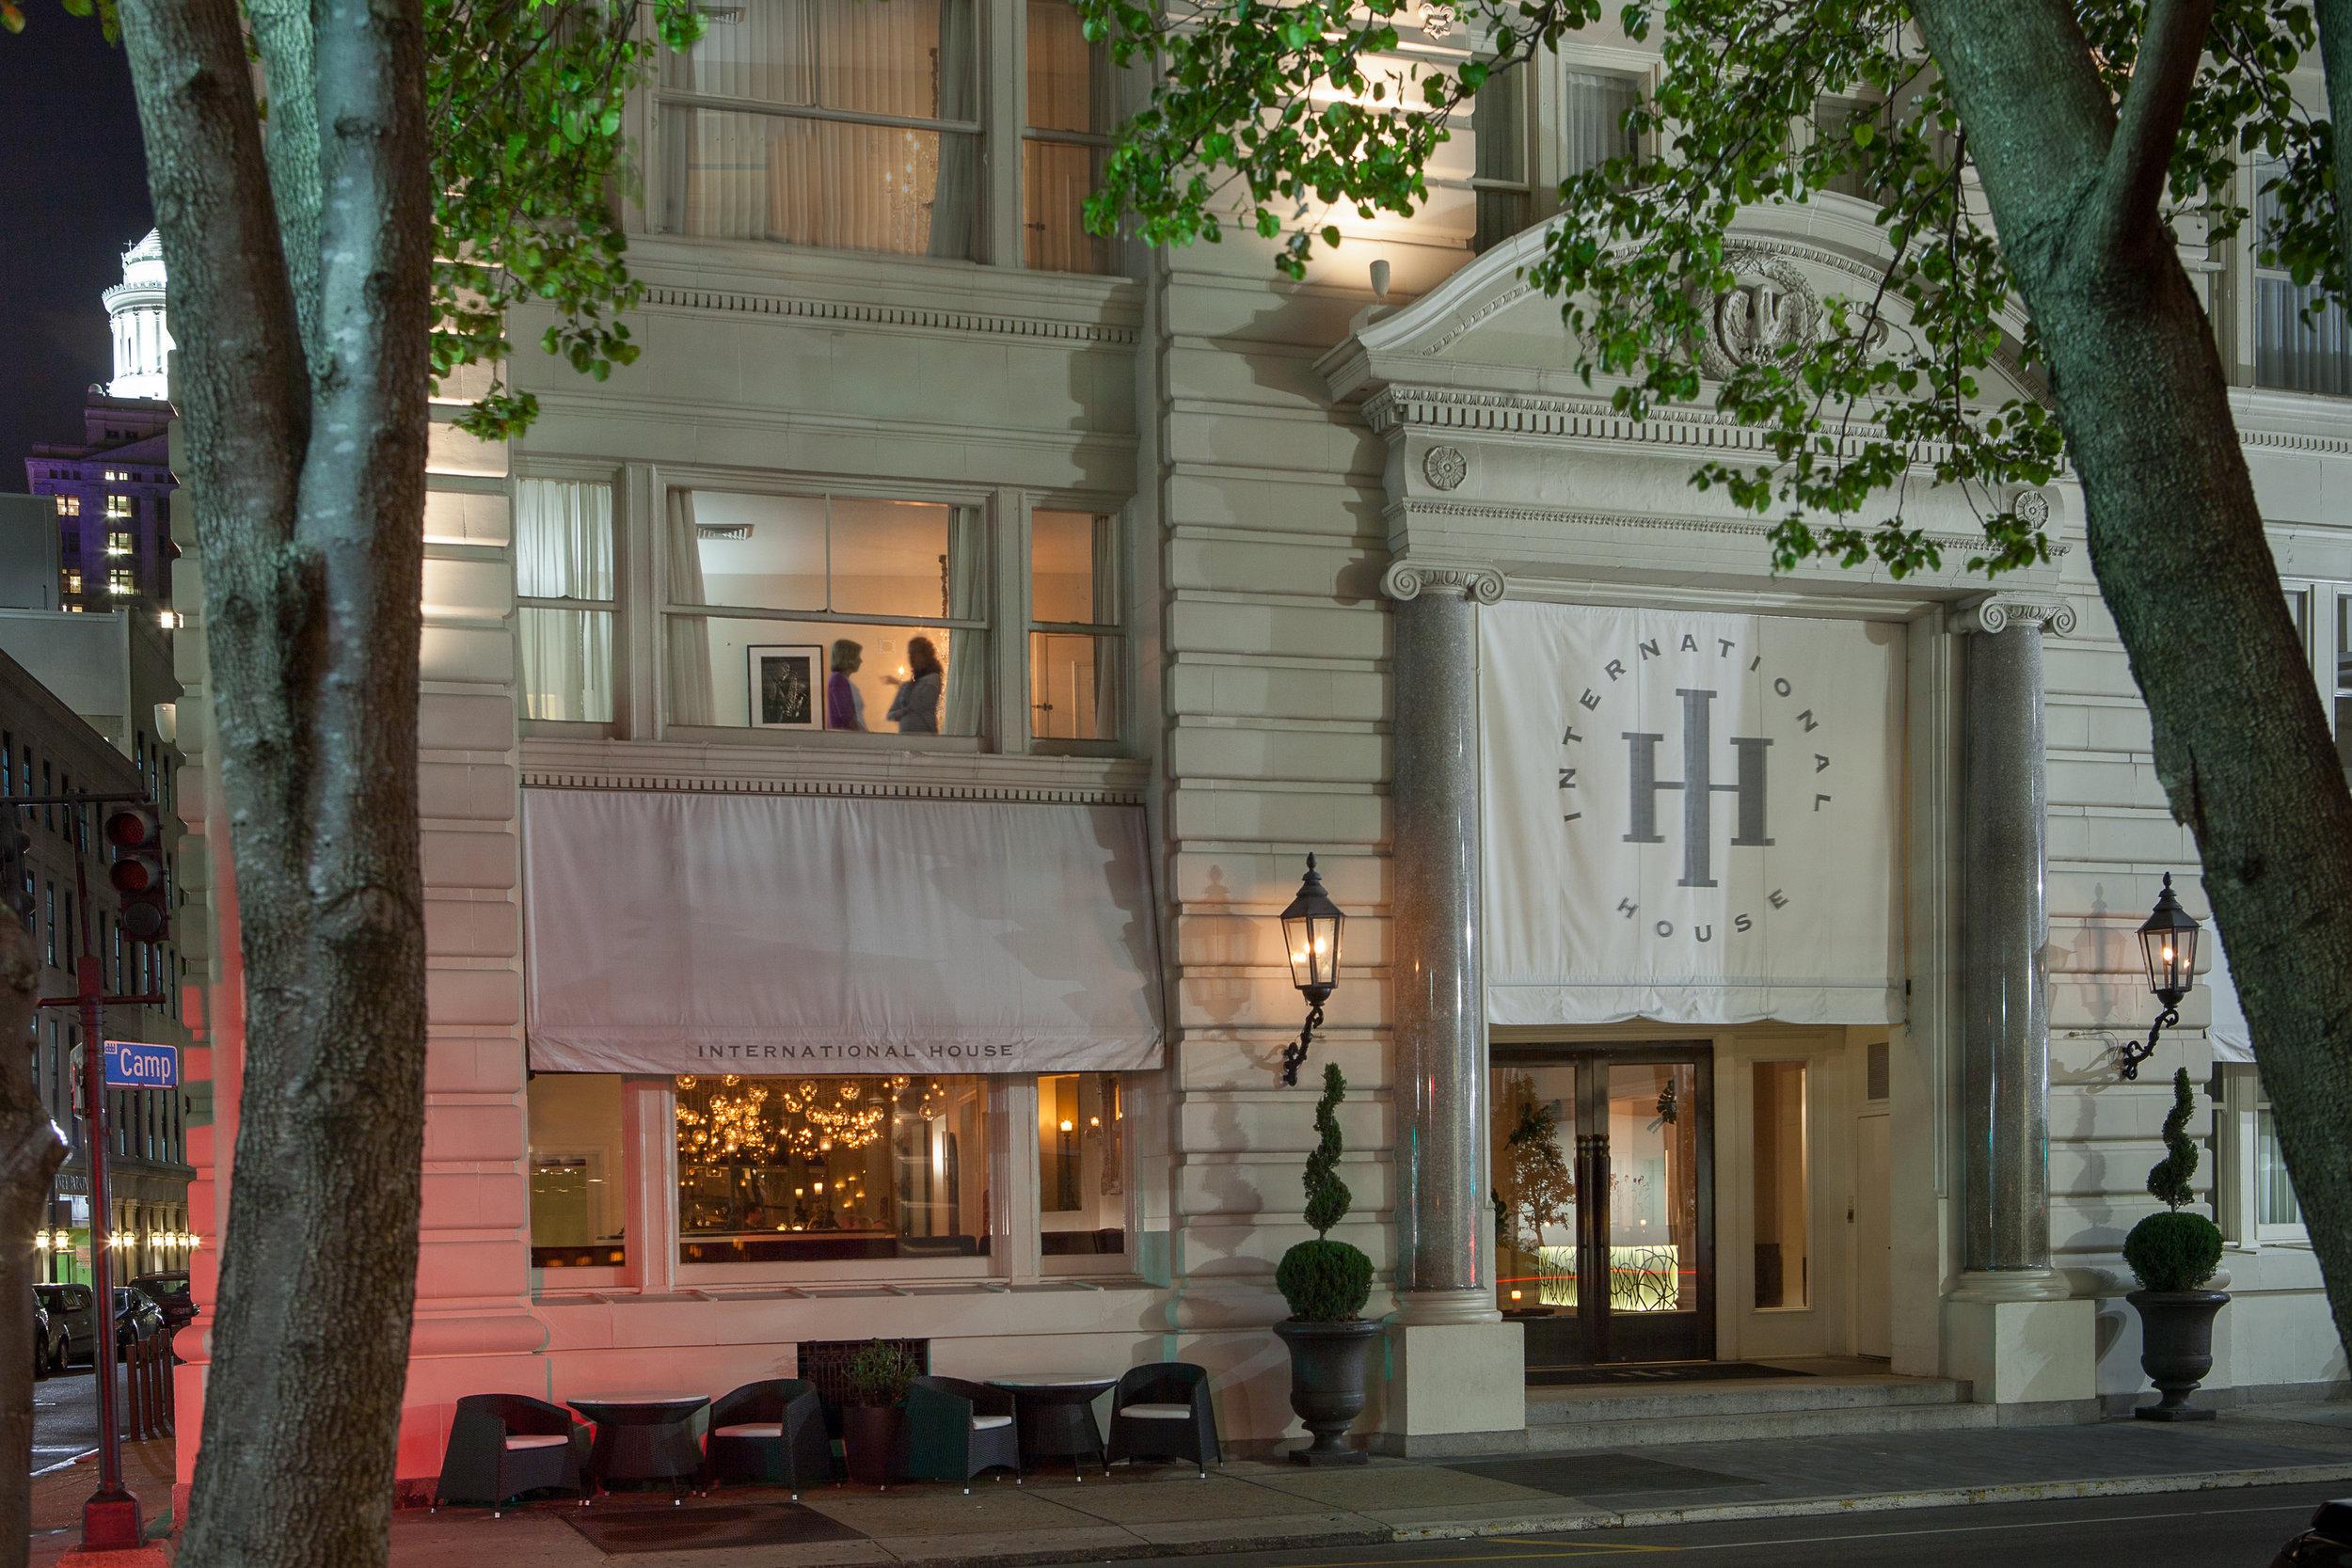 Photo courtesy of International House Hotel